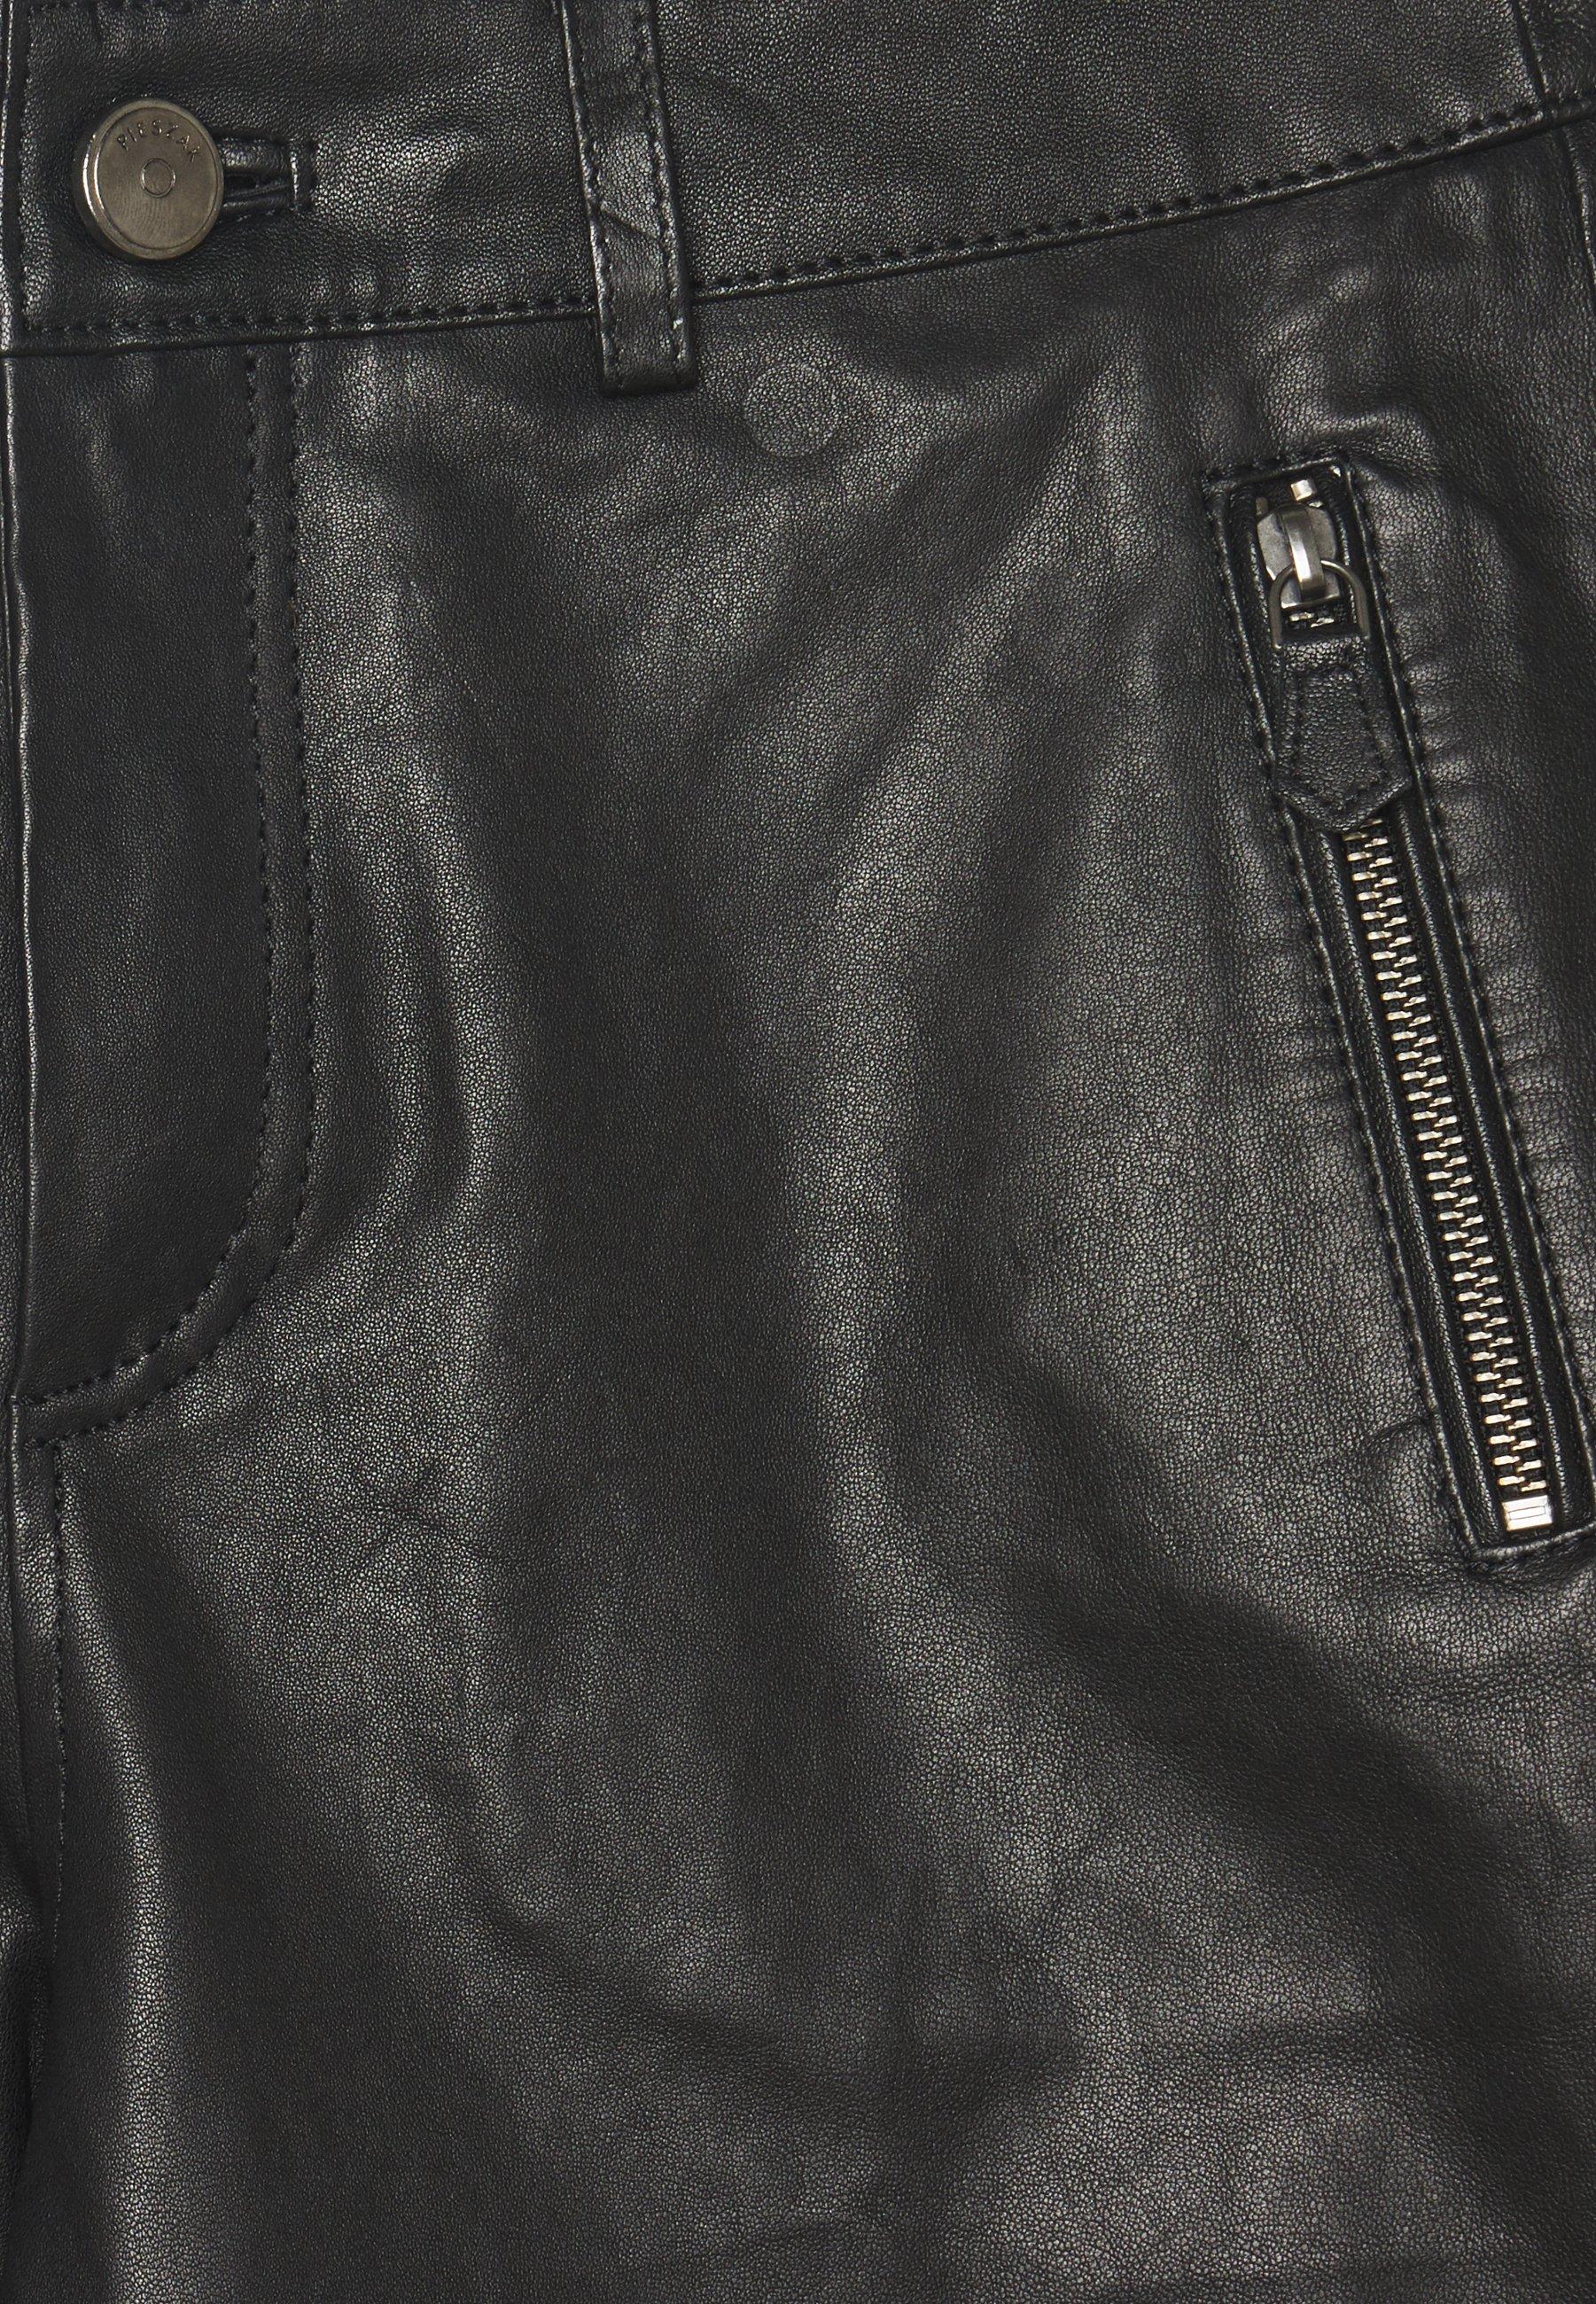 New Arrival Fashion Women's Clothing Pieszak NEW ALEX PANT Leather trousers black KONB8WQnP